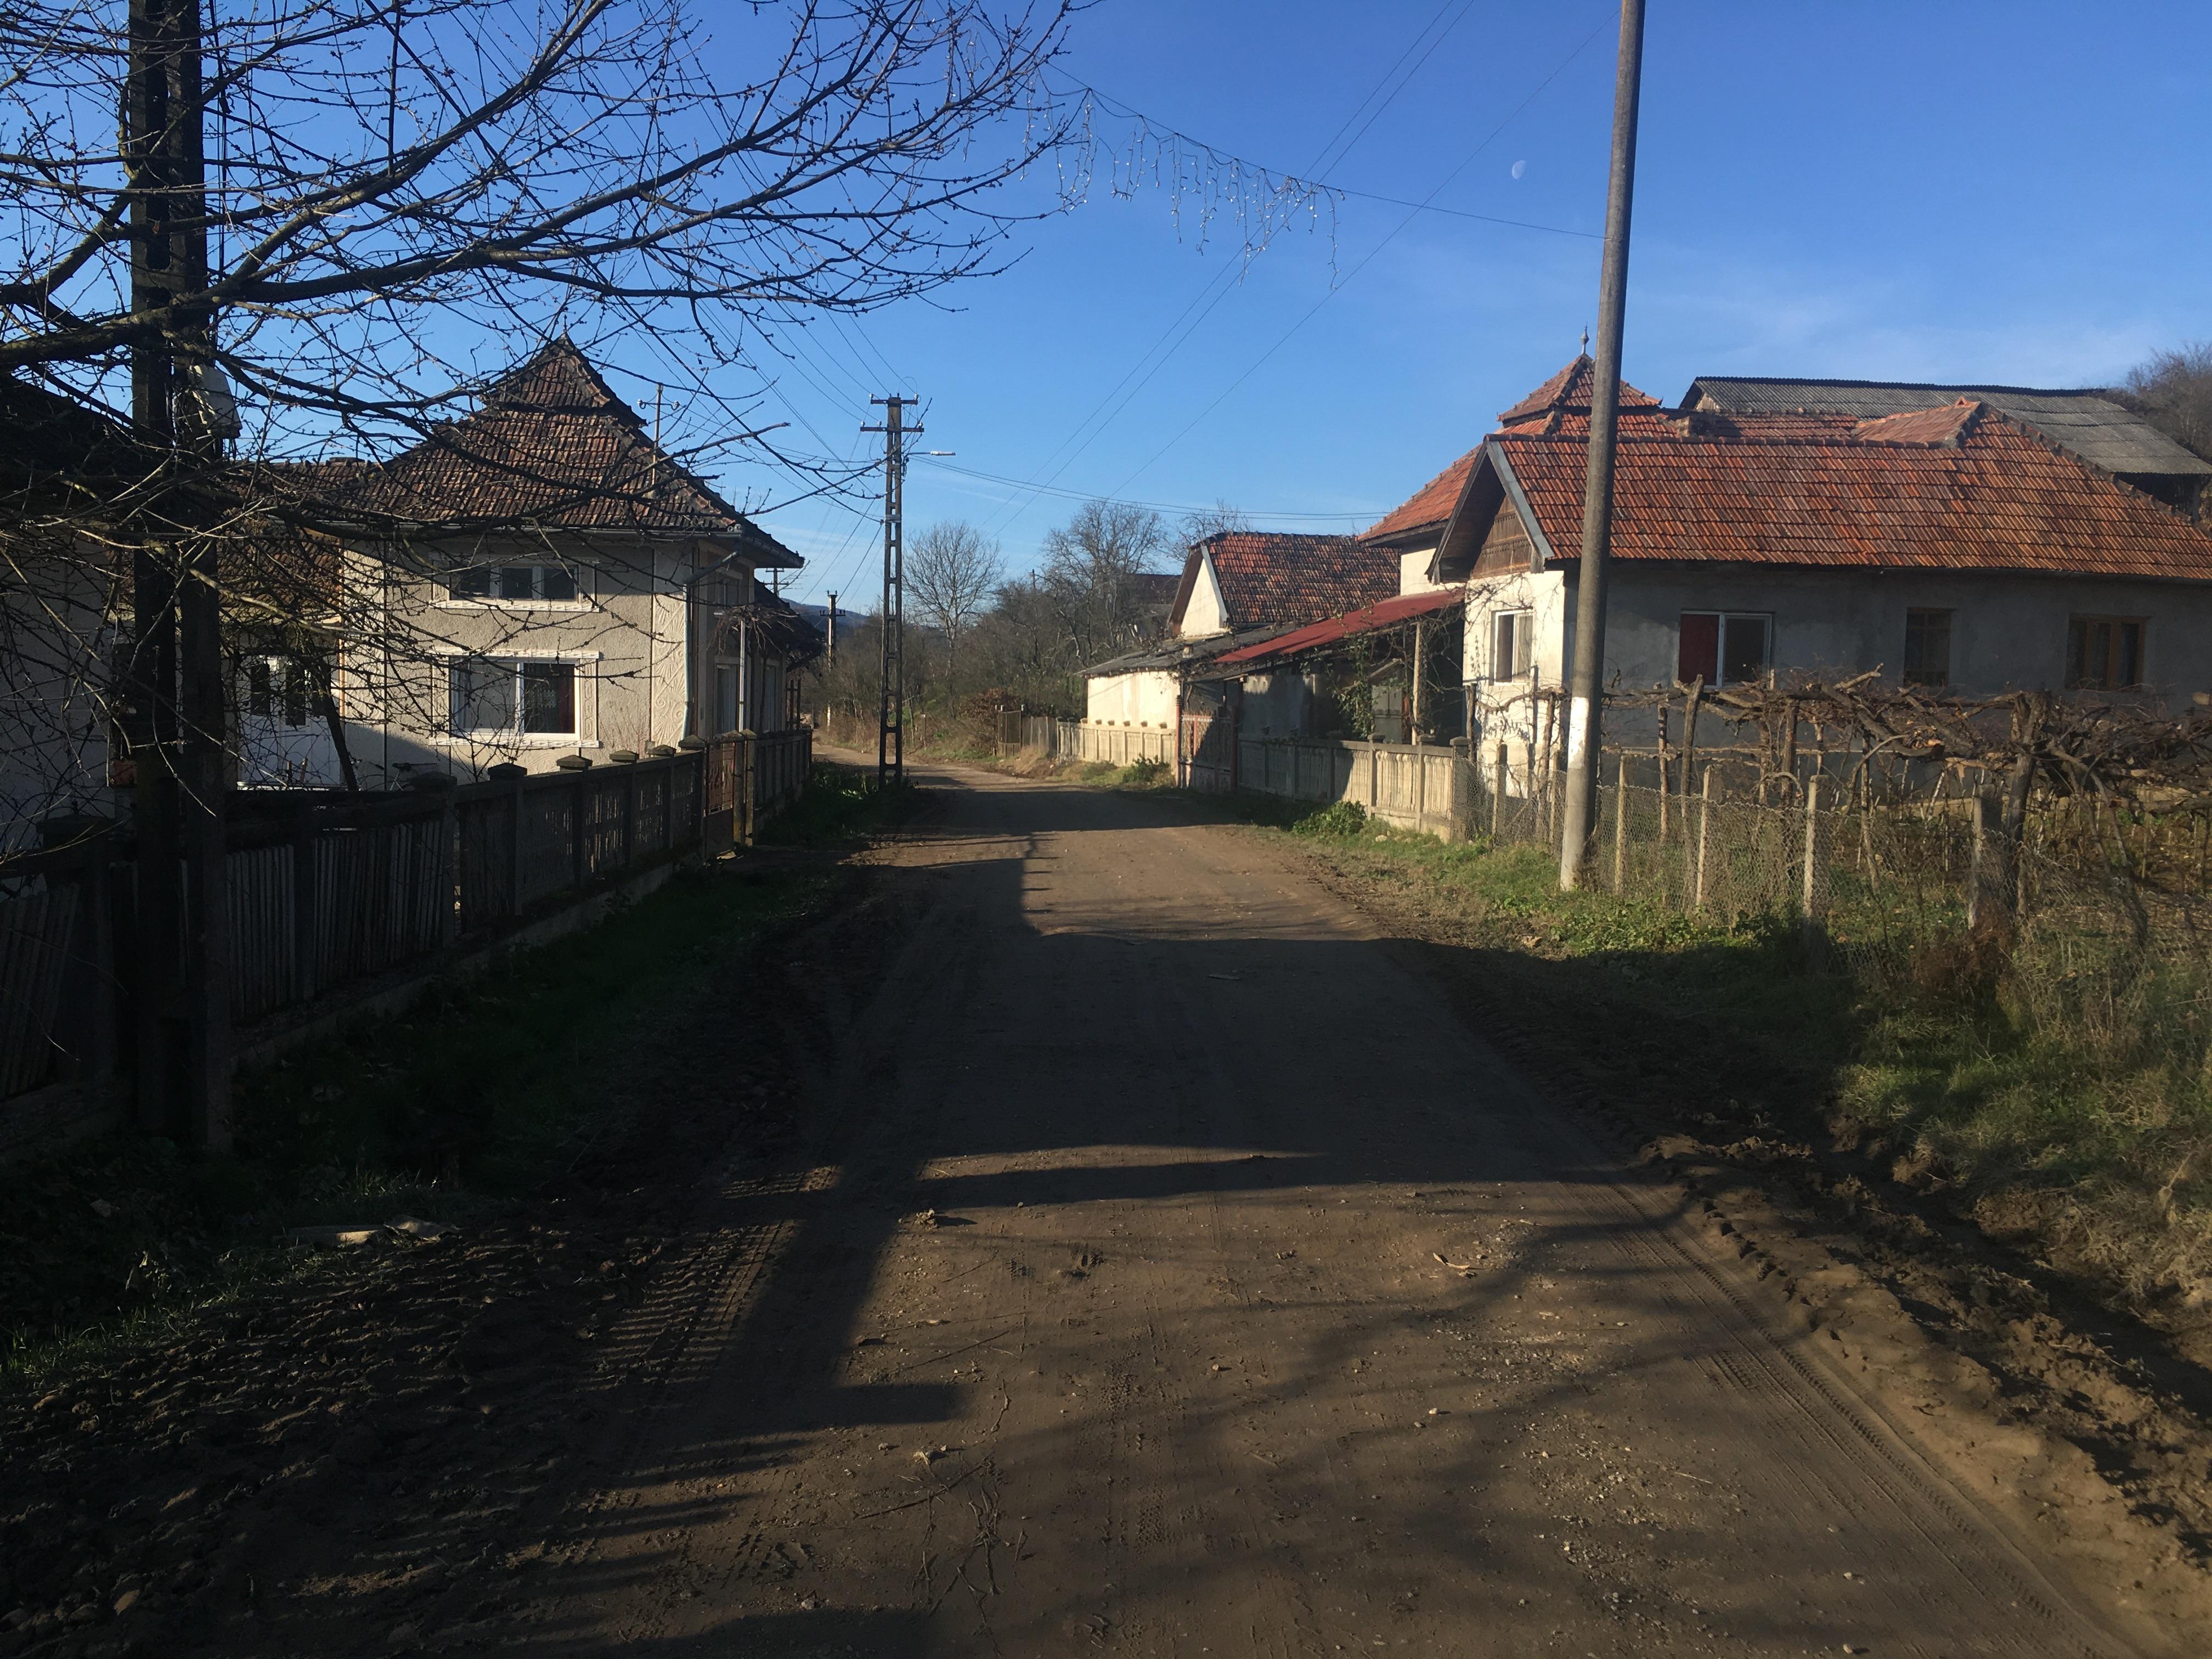 foto-ziua-alegerilor-in-turbuta-un-sat-izolat-de-pe-malul-somesului